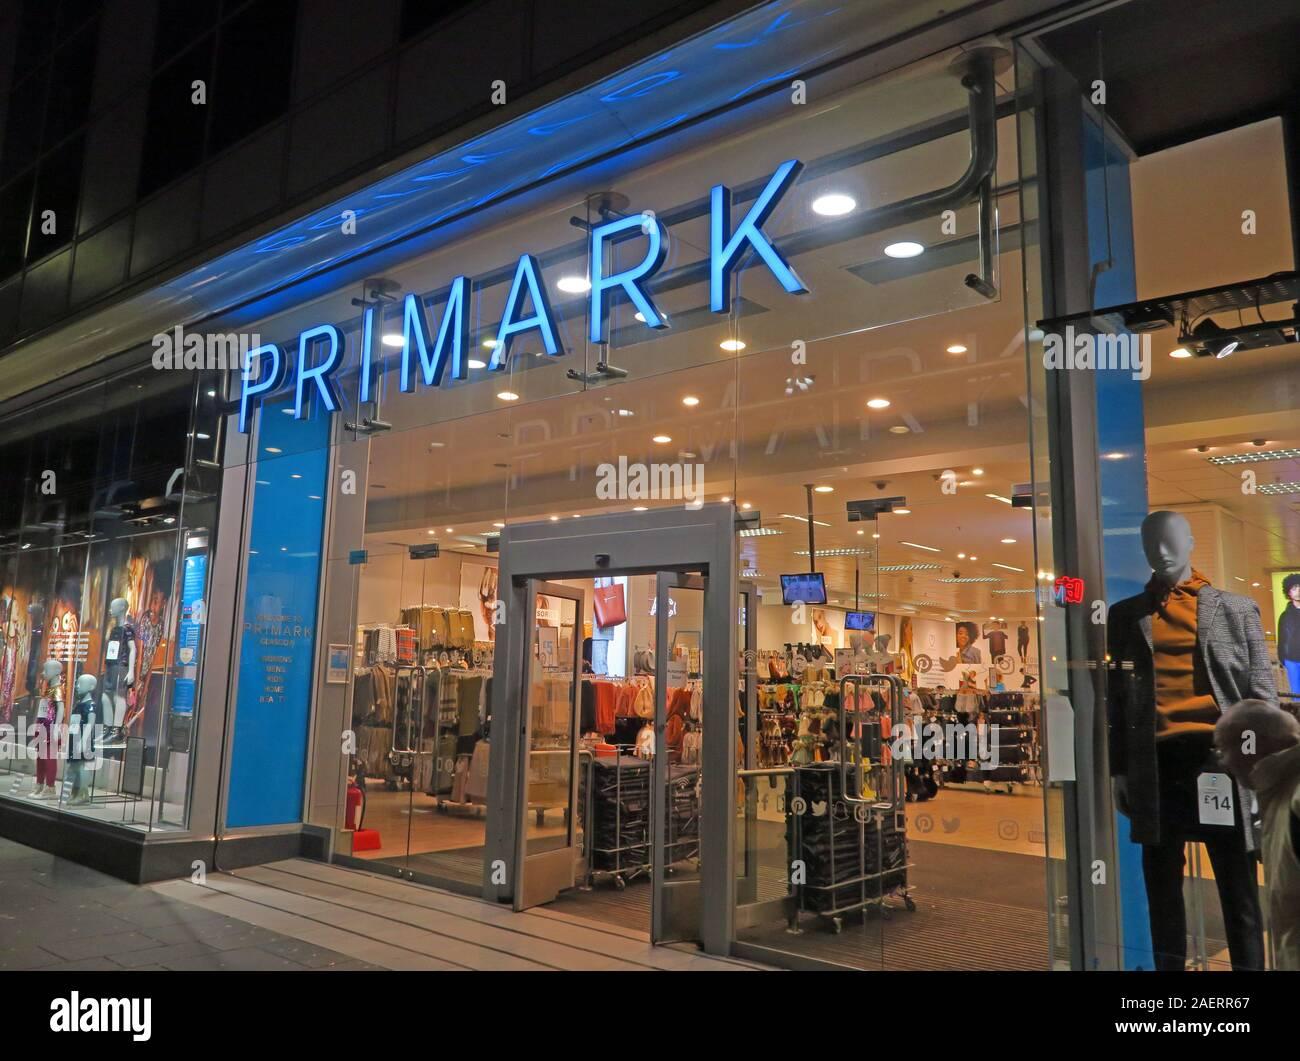 Dieses Stockfoto: Primark Store, Neon-Schild, Glasgow, Schottland, Irish Fast Fashion Retailer - 2AERR6